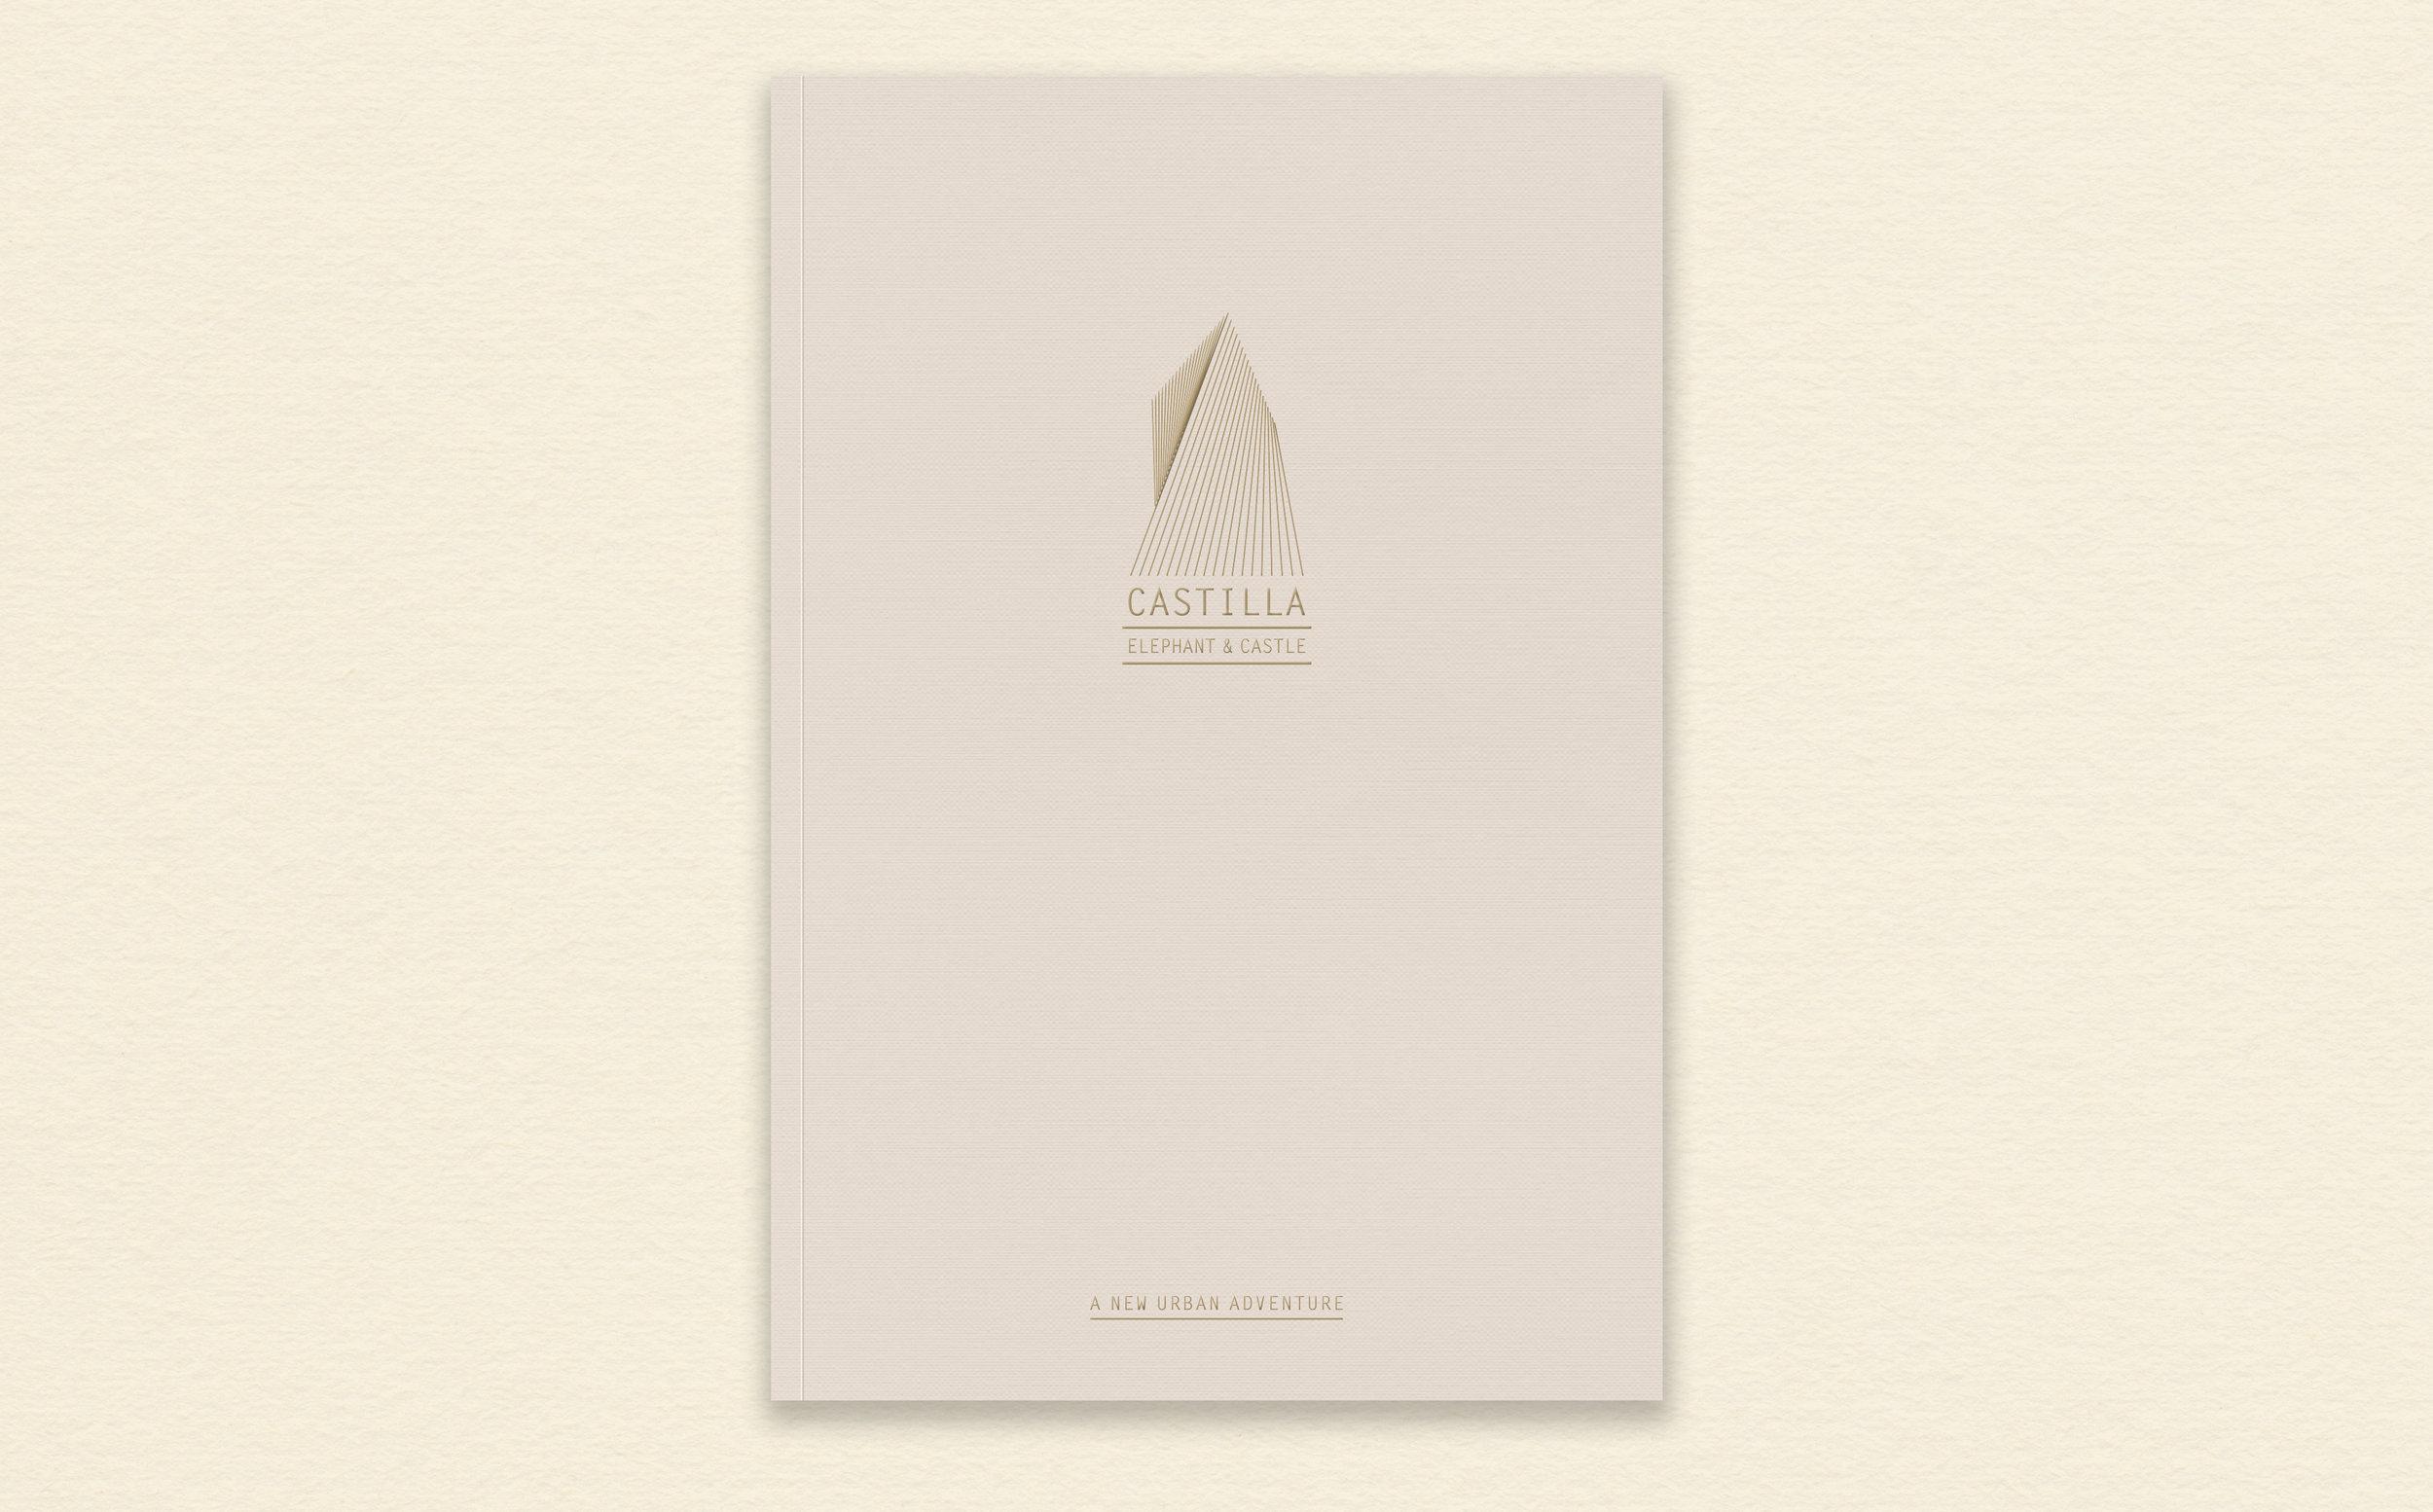 Castilla Cover.jpg